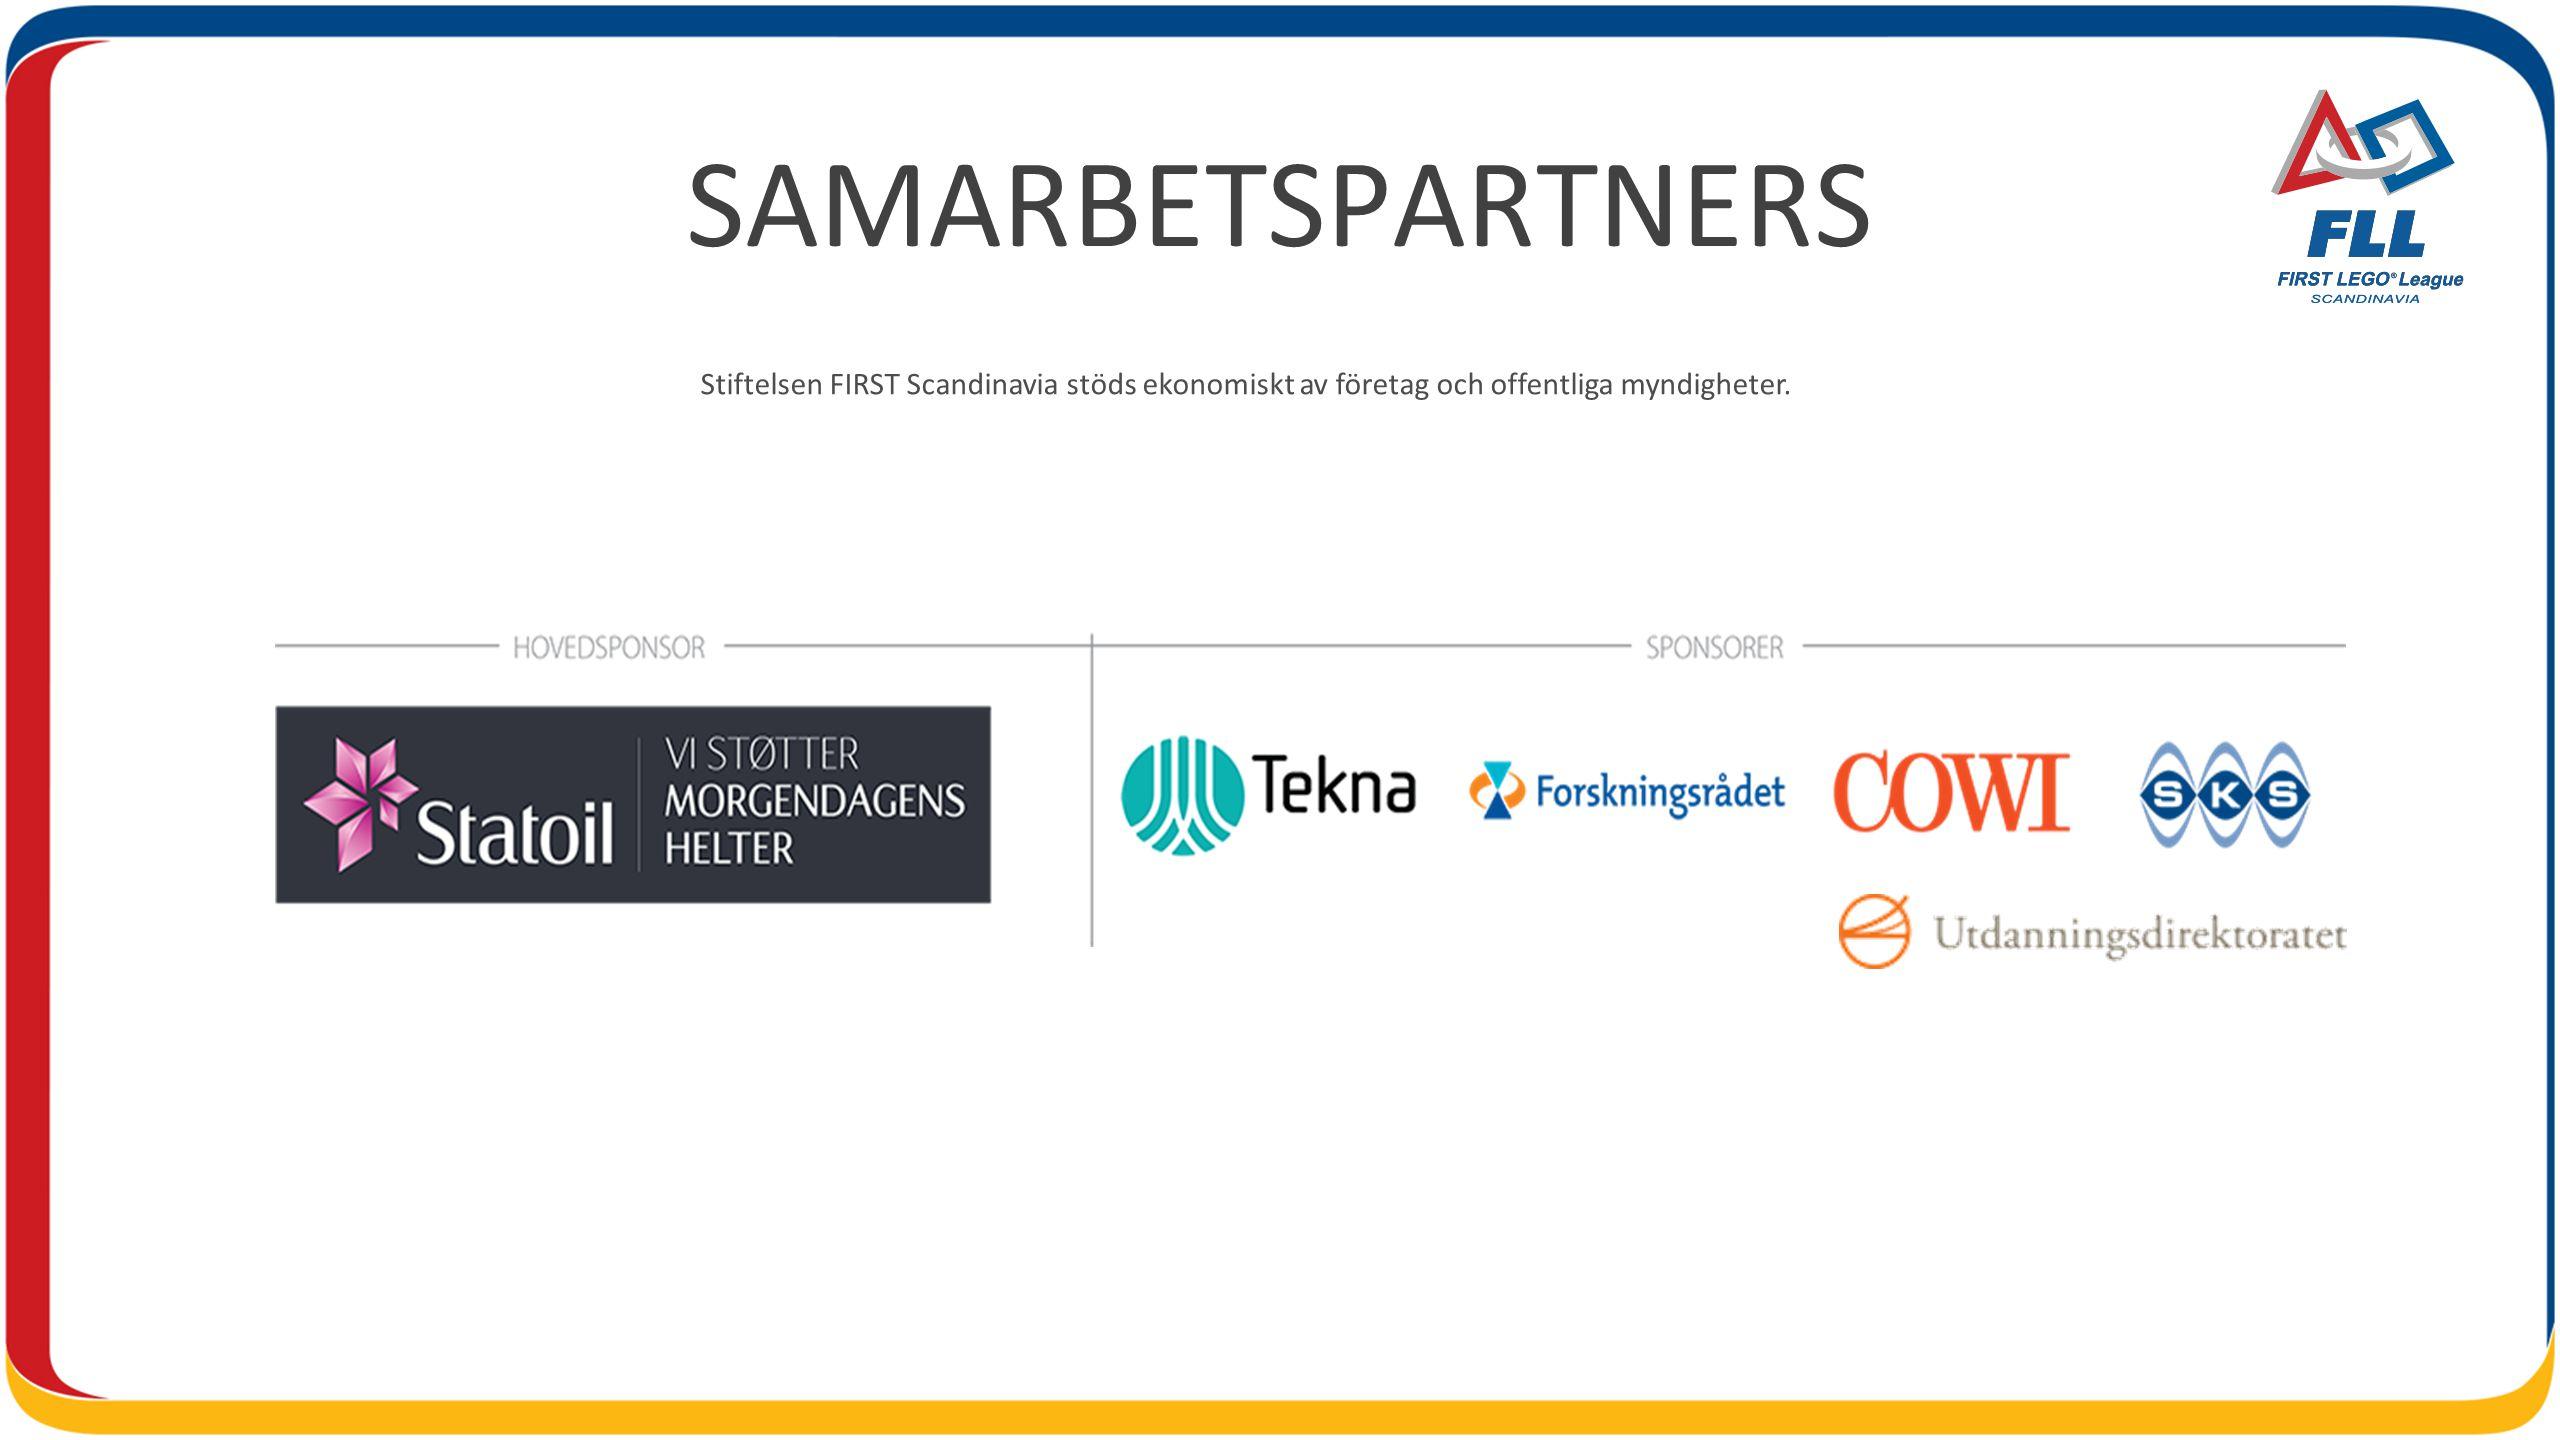 SAMARBETSPARTNERS Stiftelsen FIRST Scandinavia stöds ekonomiskt av företag och offentliga myndigheter.